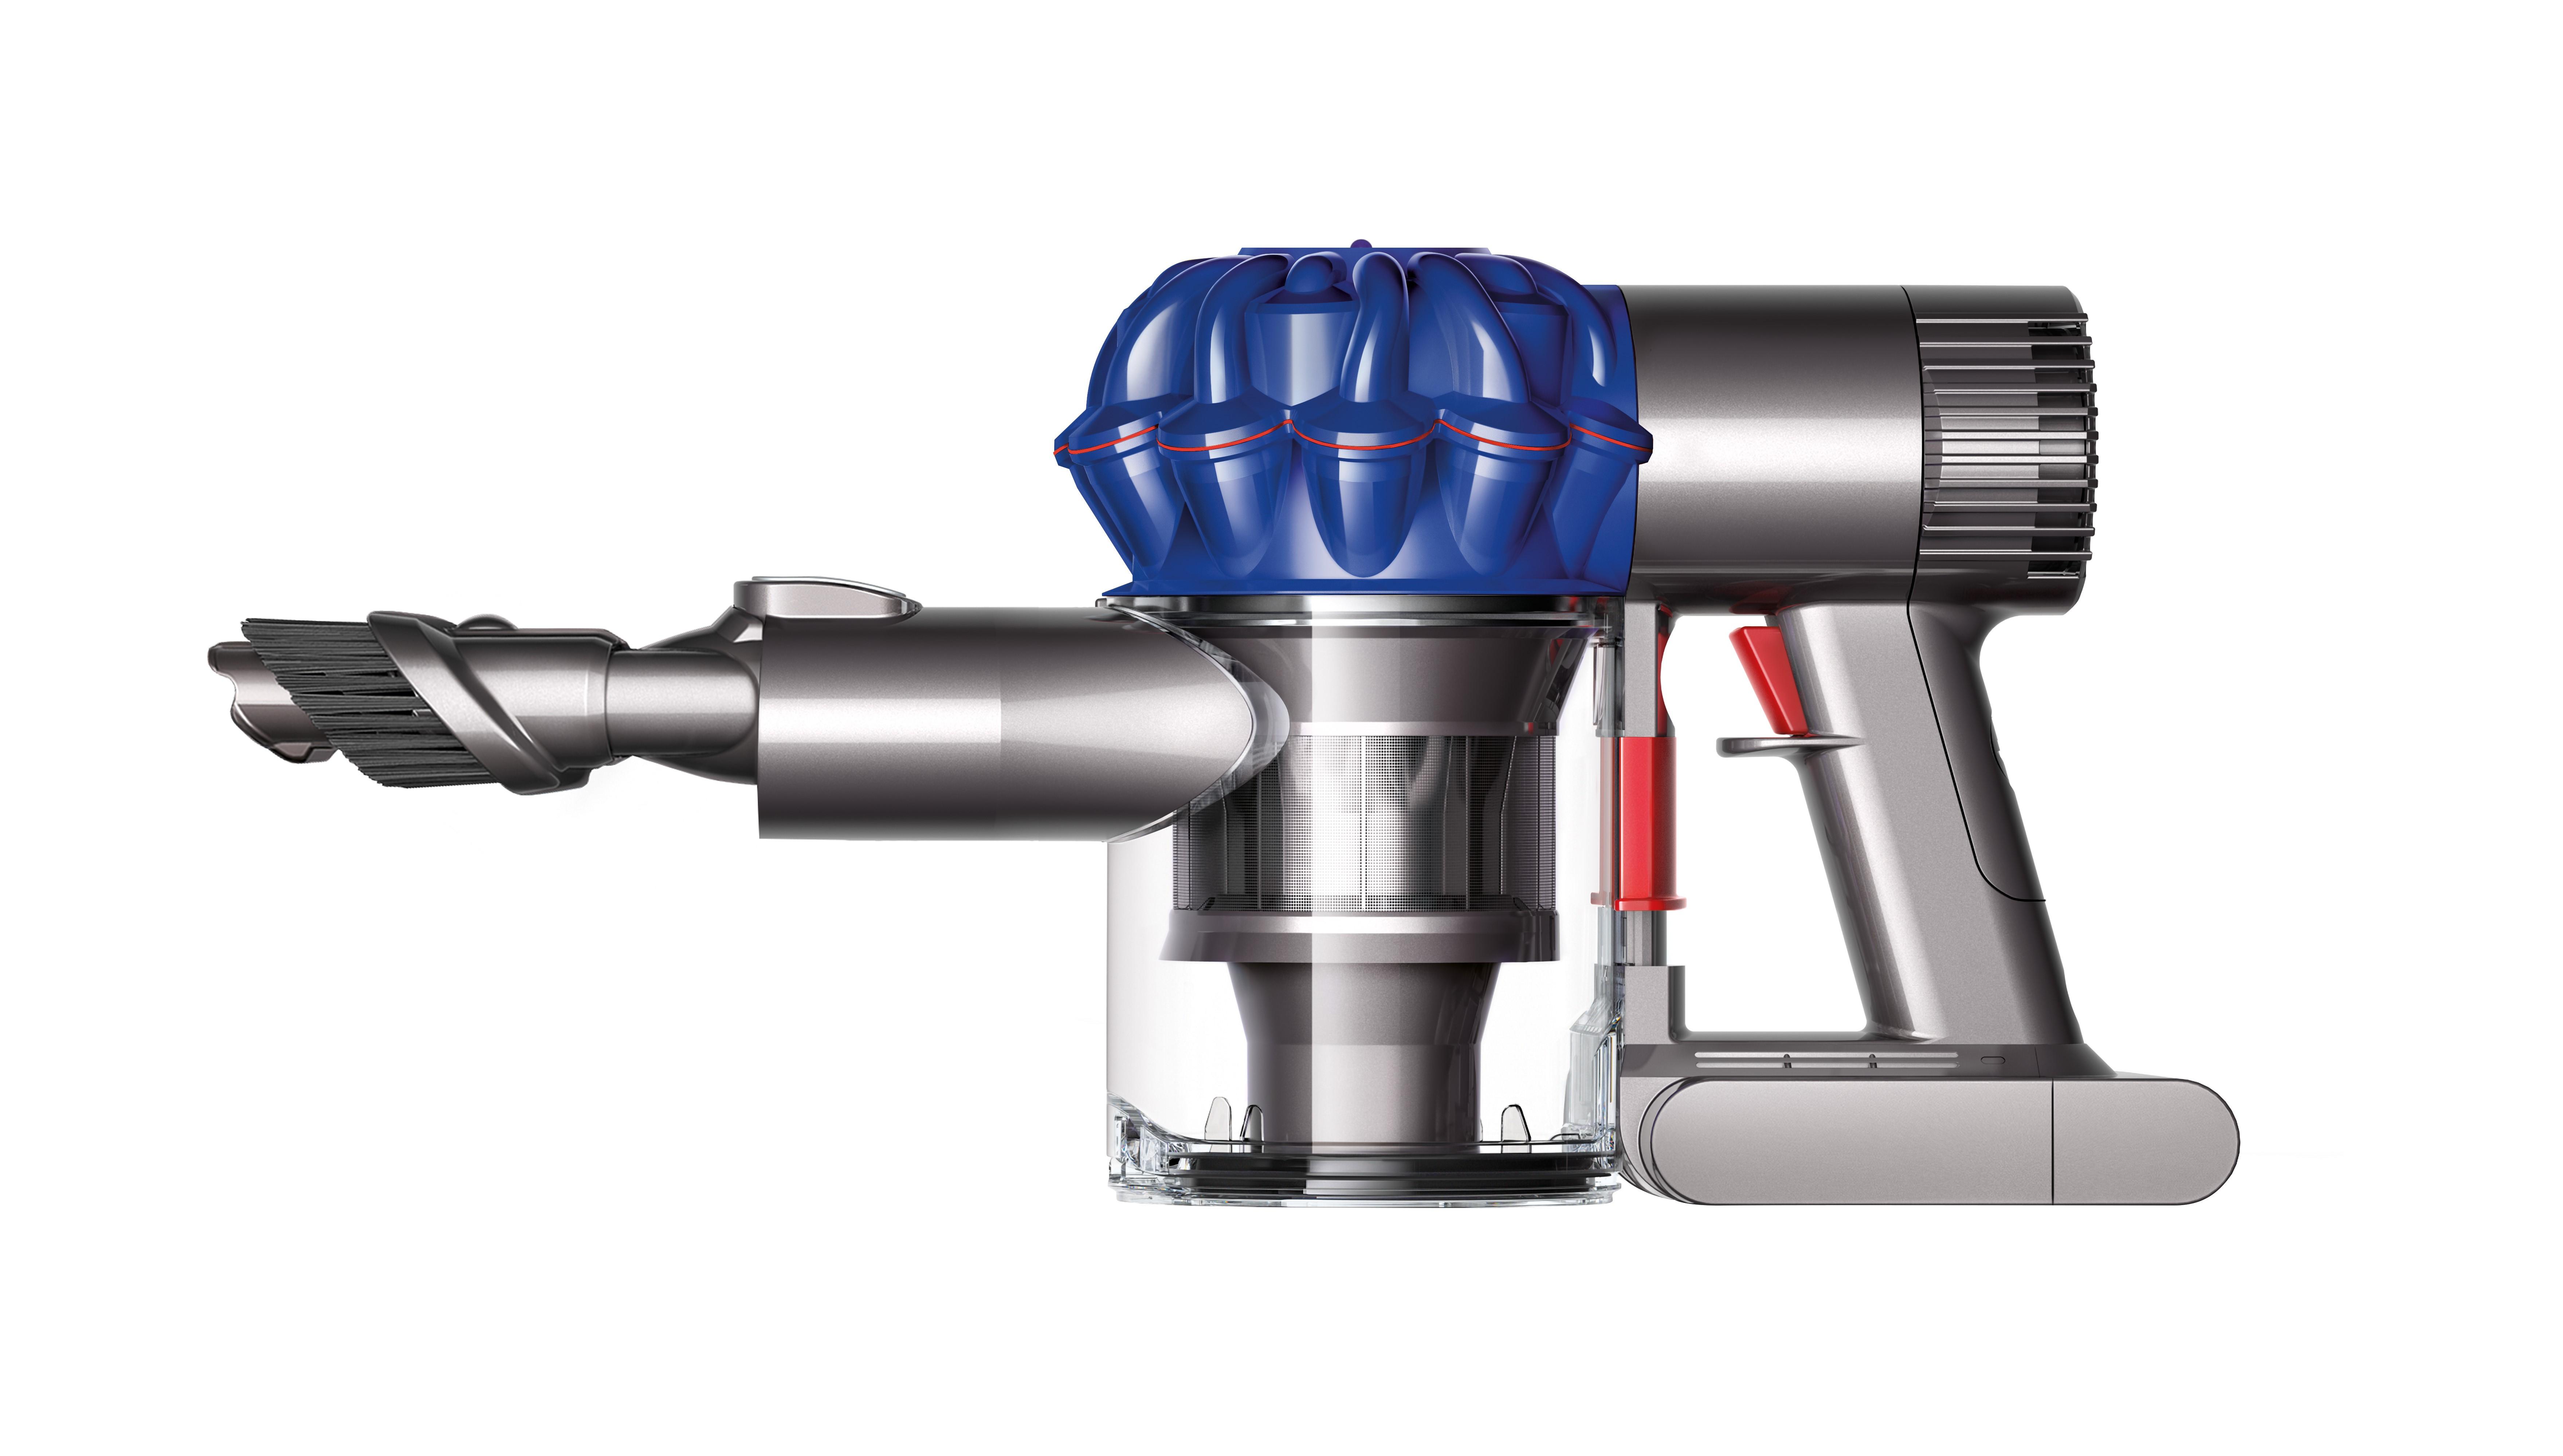 Best vacuum under 200